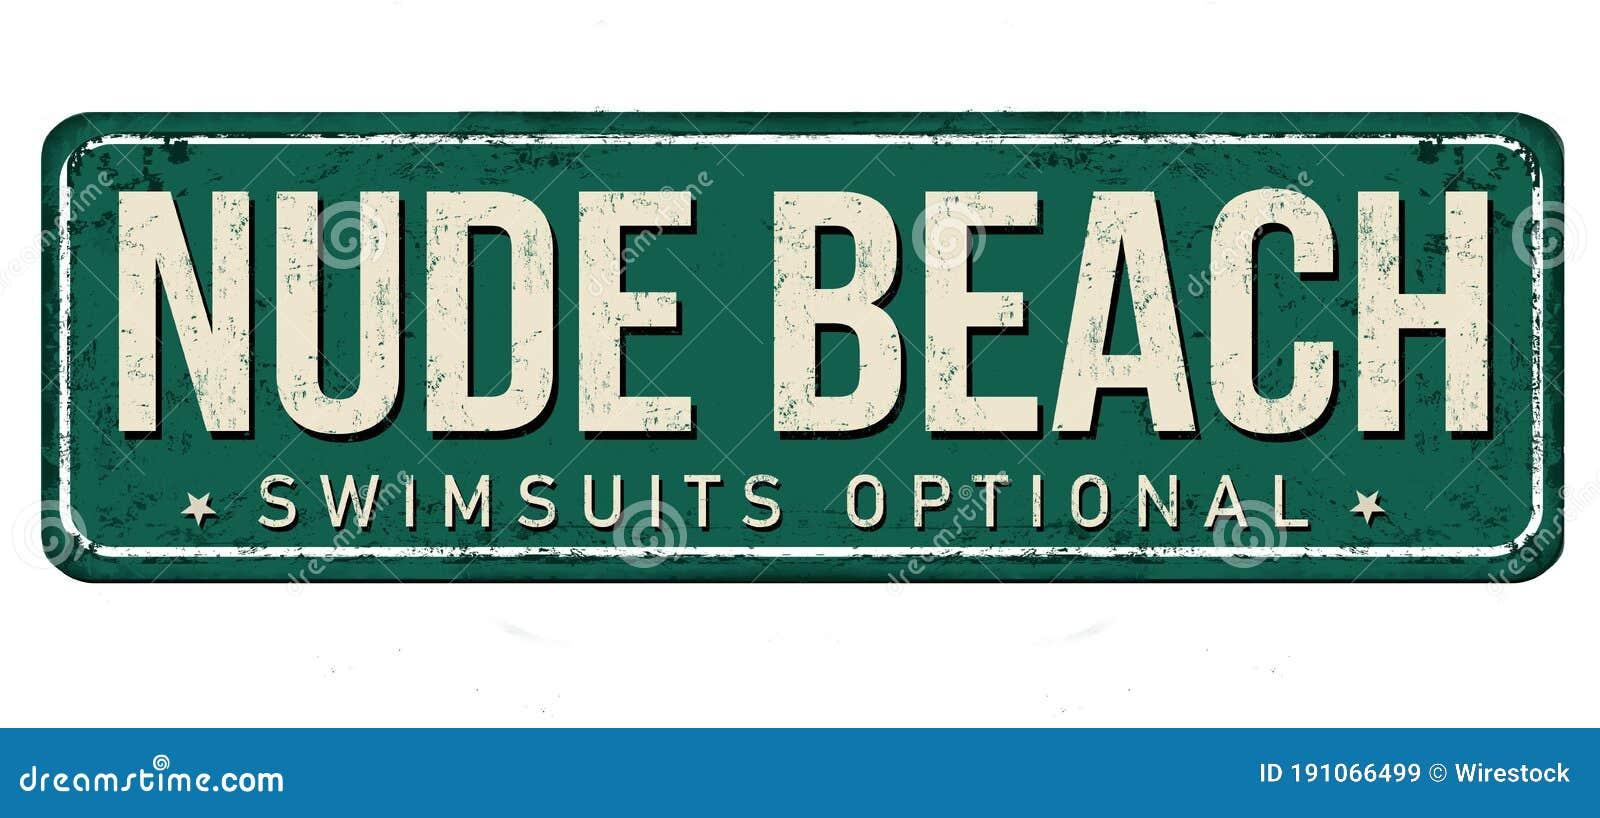 Nude beach vintage Real Nudist